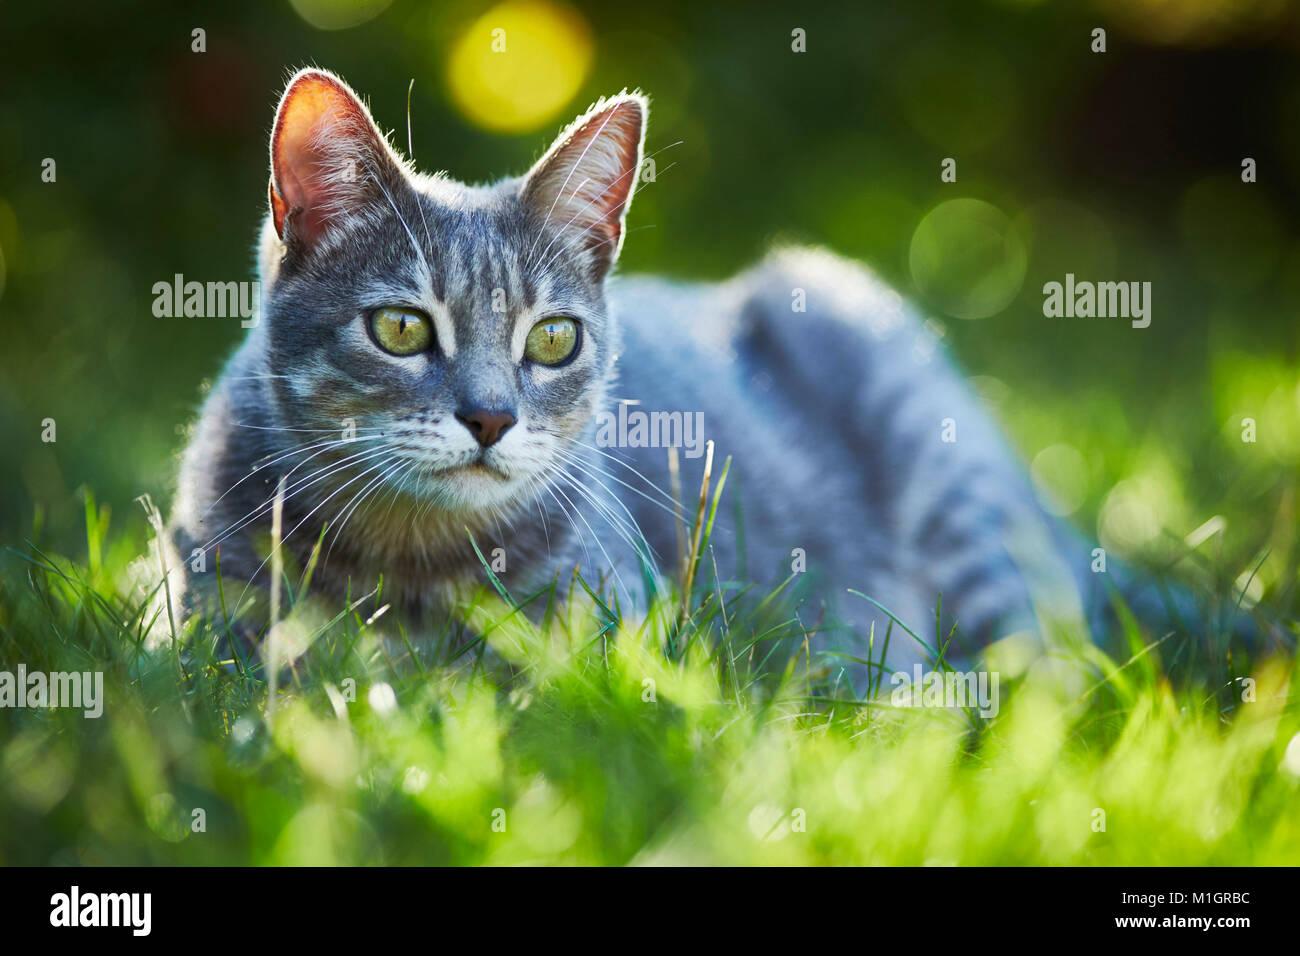 Chat domestique. Adultes tabby gris couché dans l'herbe. L'Allemagne. Photo Stock